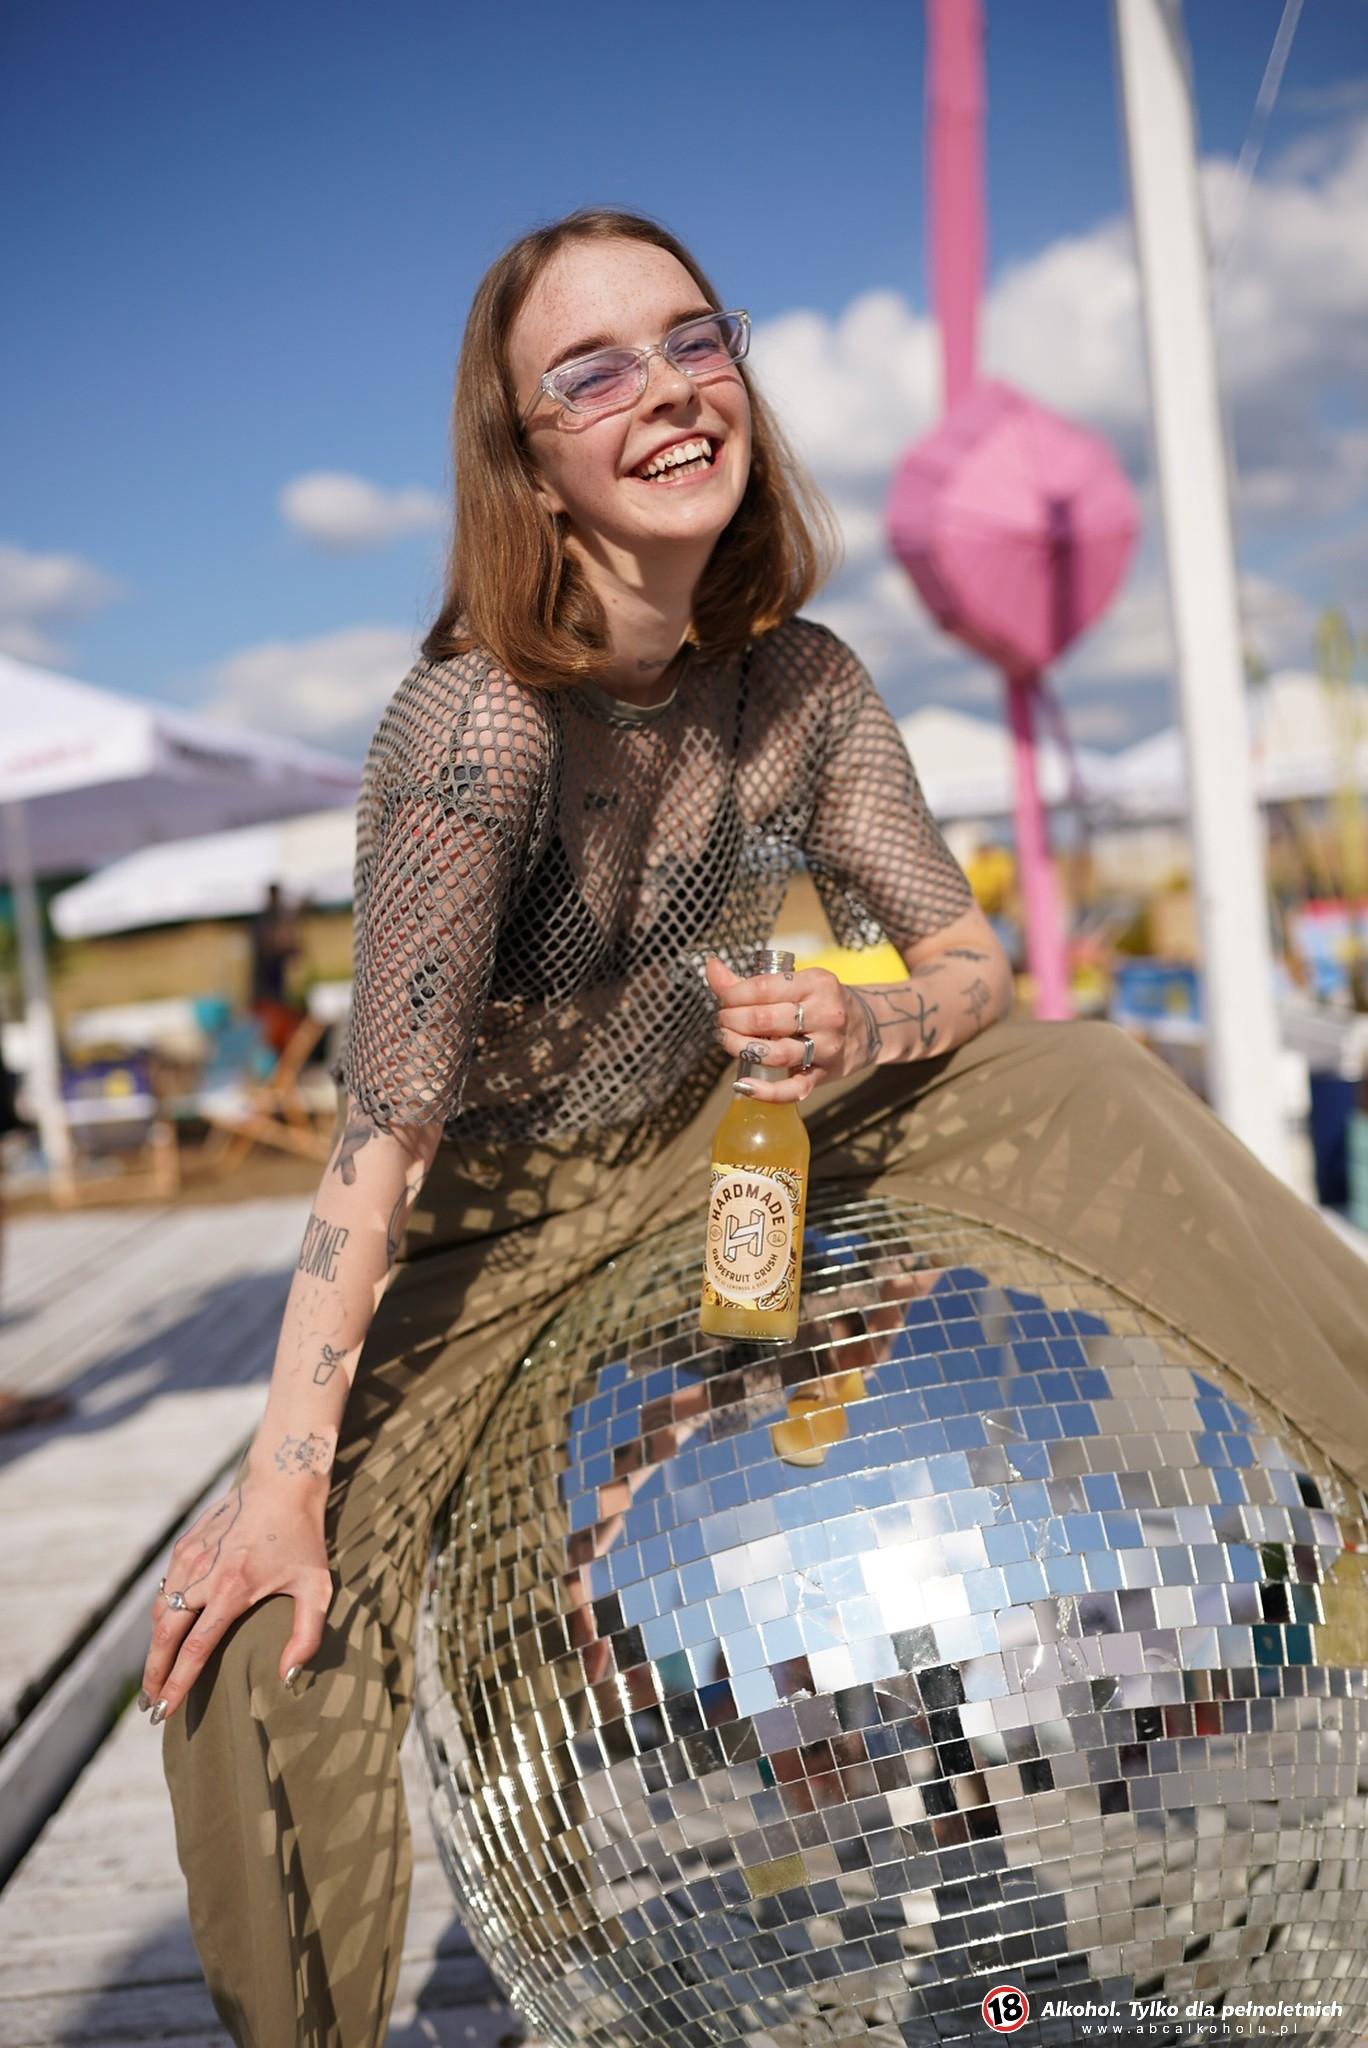 Jak imprezować wciągu dnia? Np.naHardmade City Festival. Opowiadają nam otym Neen Nah iZuza OK